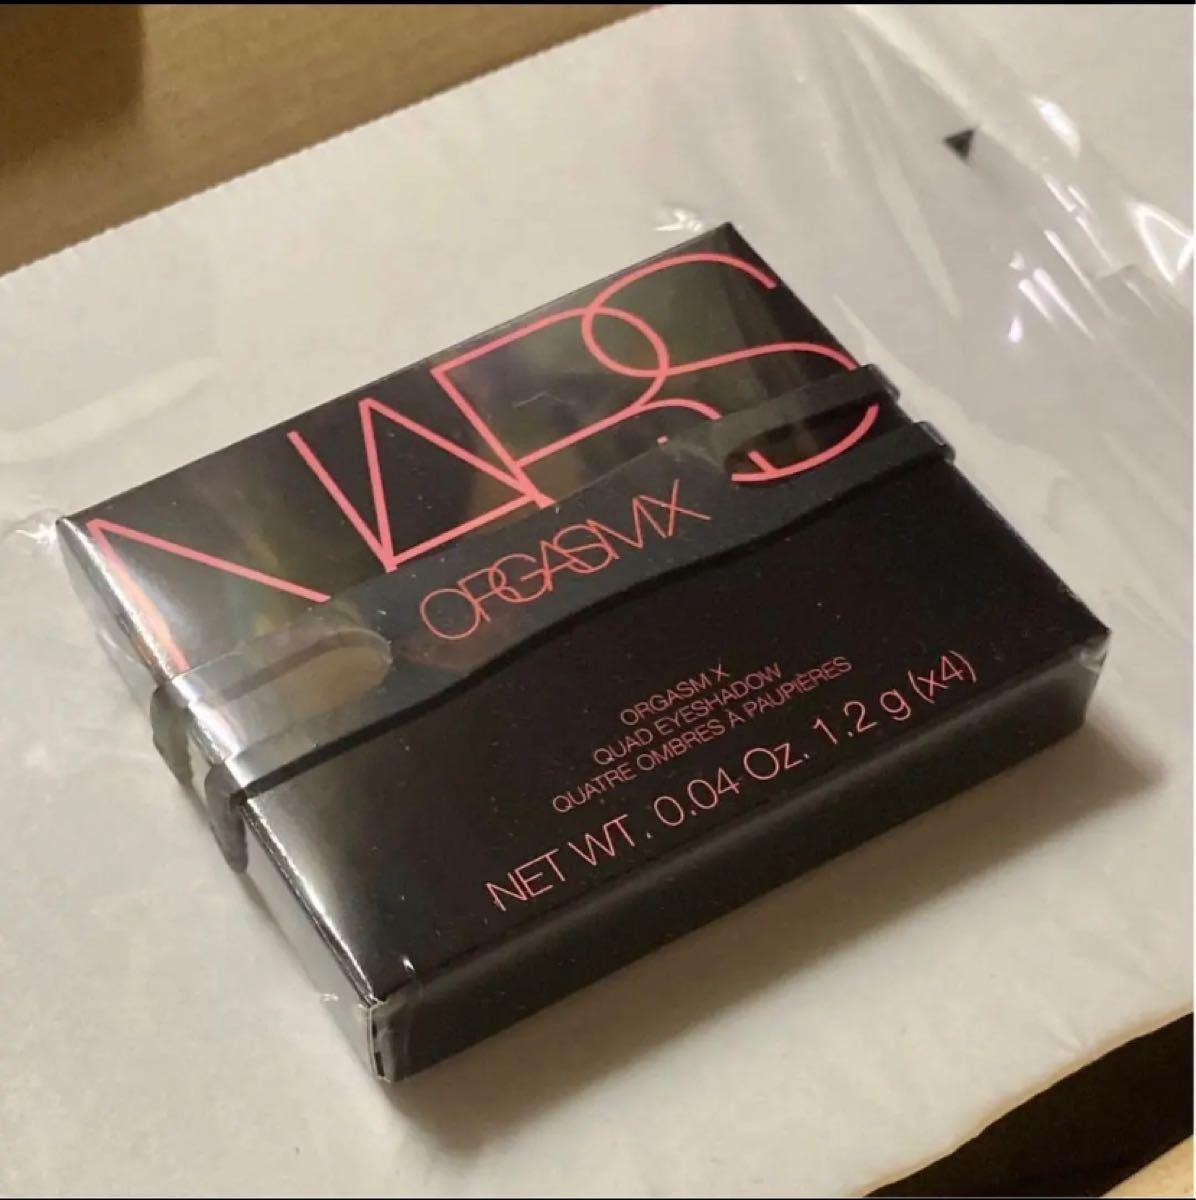 NARS クワッドアイシャドウ 5065 オーガズムX 国内公式サイト購入品